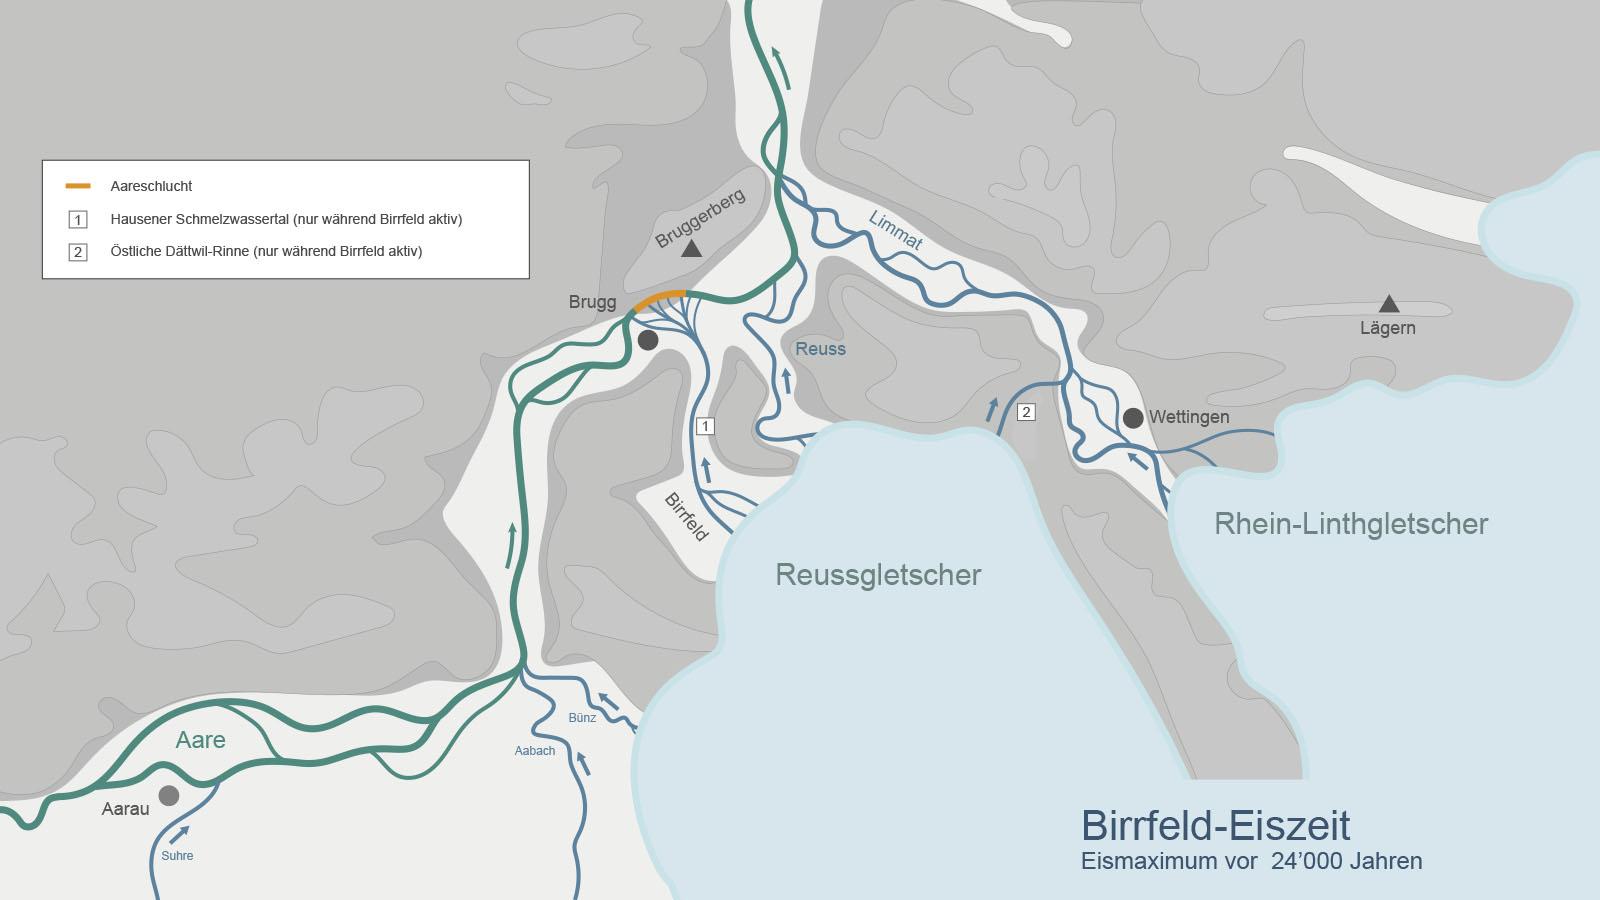 Während der Birrfeld oder Würm-Eiszeit fand die letzte Vergletscherung des Alpenvorlands statt. Kartenvorlage: LGM 1:500'000, Bundesamt für Landestopografie, A. Bini et al. (2009), ergänzt nach Keller & Krayss (2010)